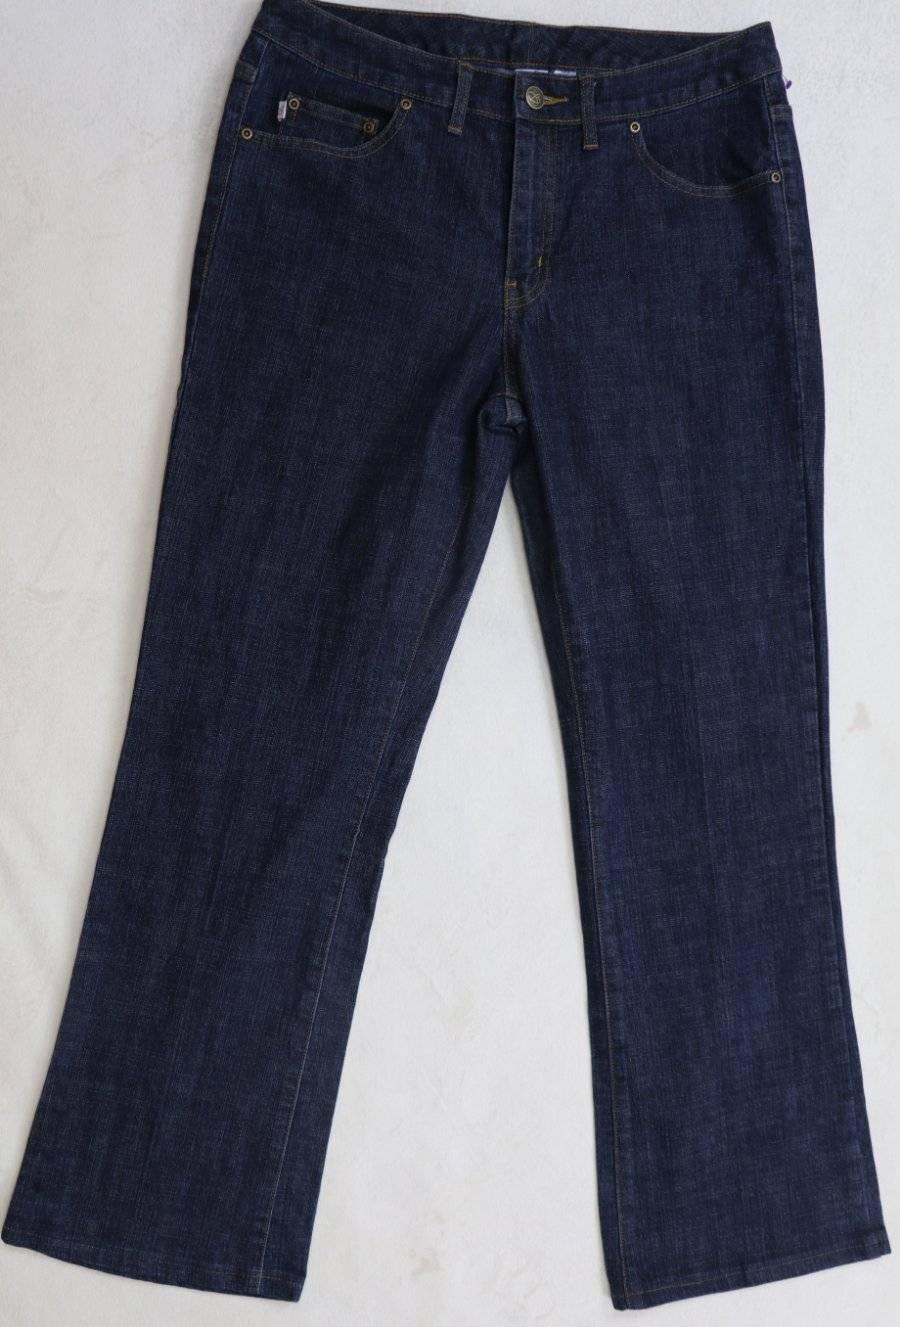 BOBBIE BROOKS JEANS Boot Mint 10 30 x 28 dark wash Mid Rise stretch dressy